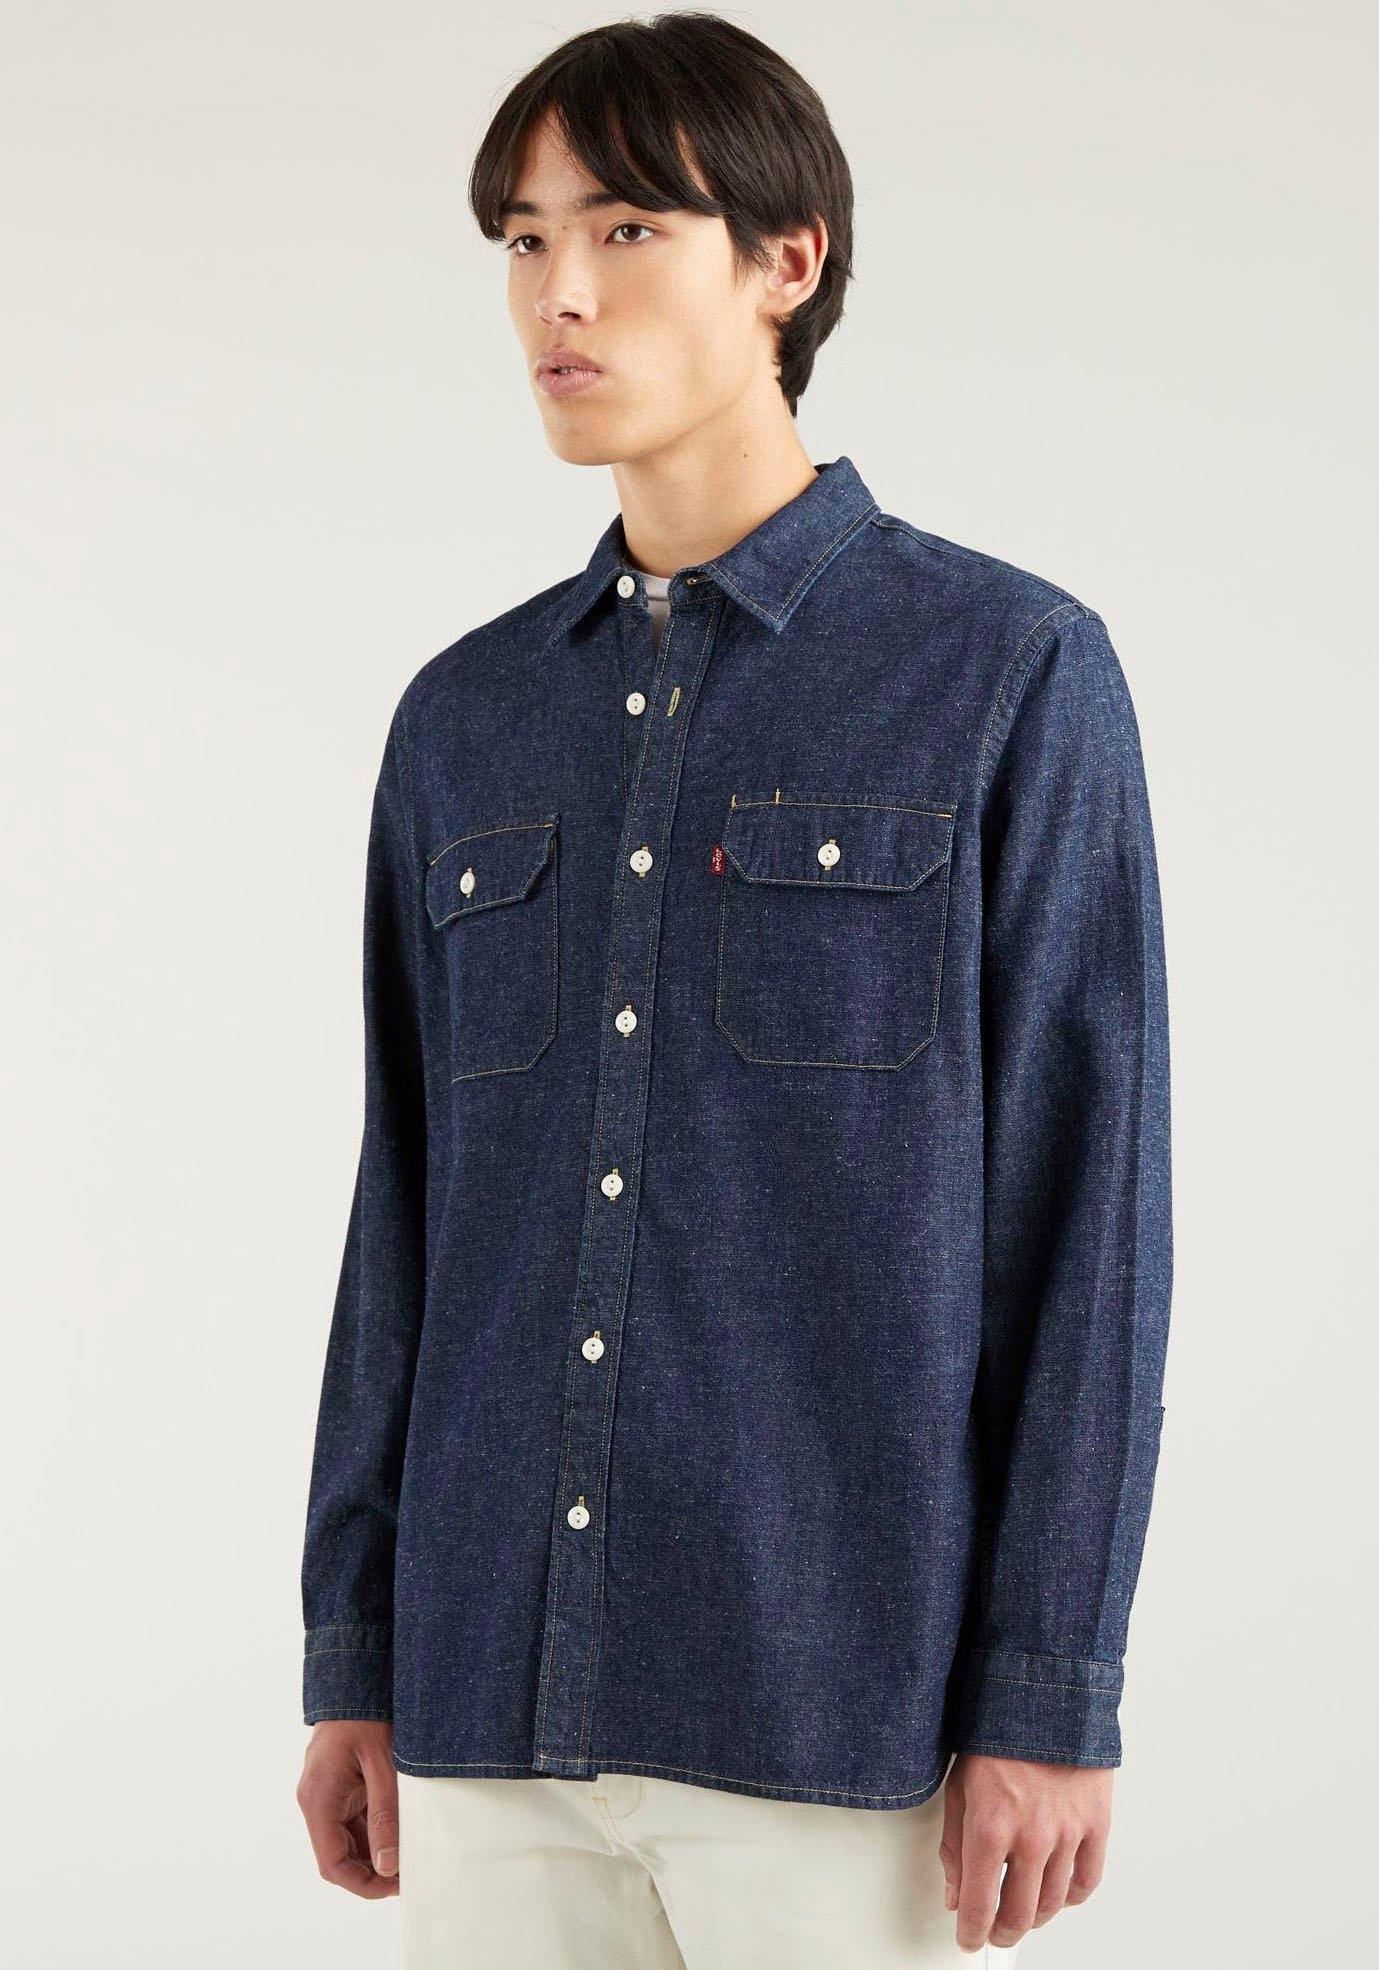 Levi's jeansoverhemd met borstzakken nu online kopen bij OTTO